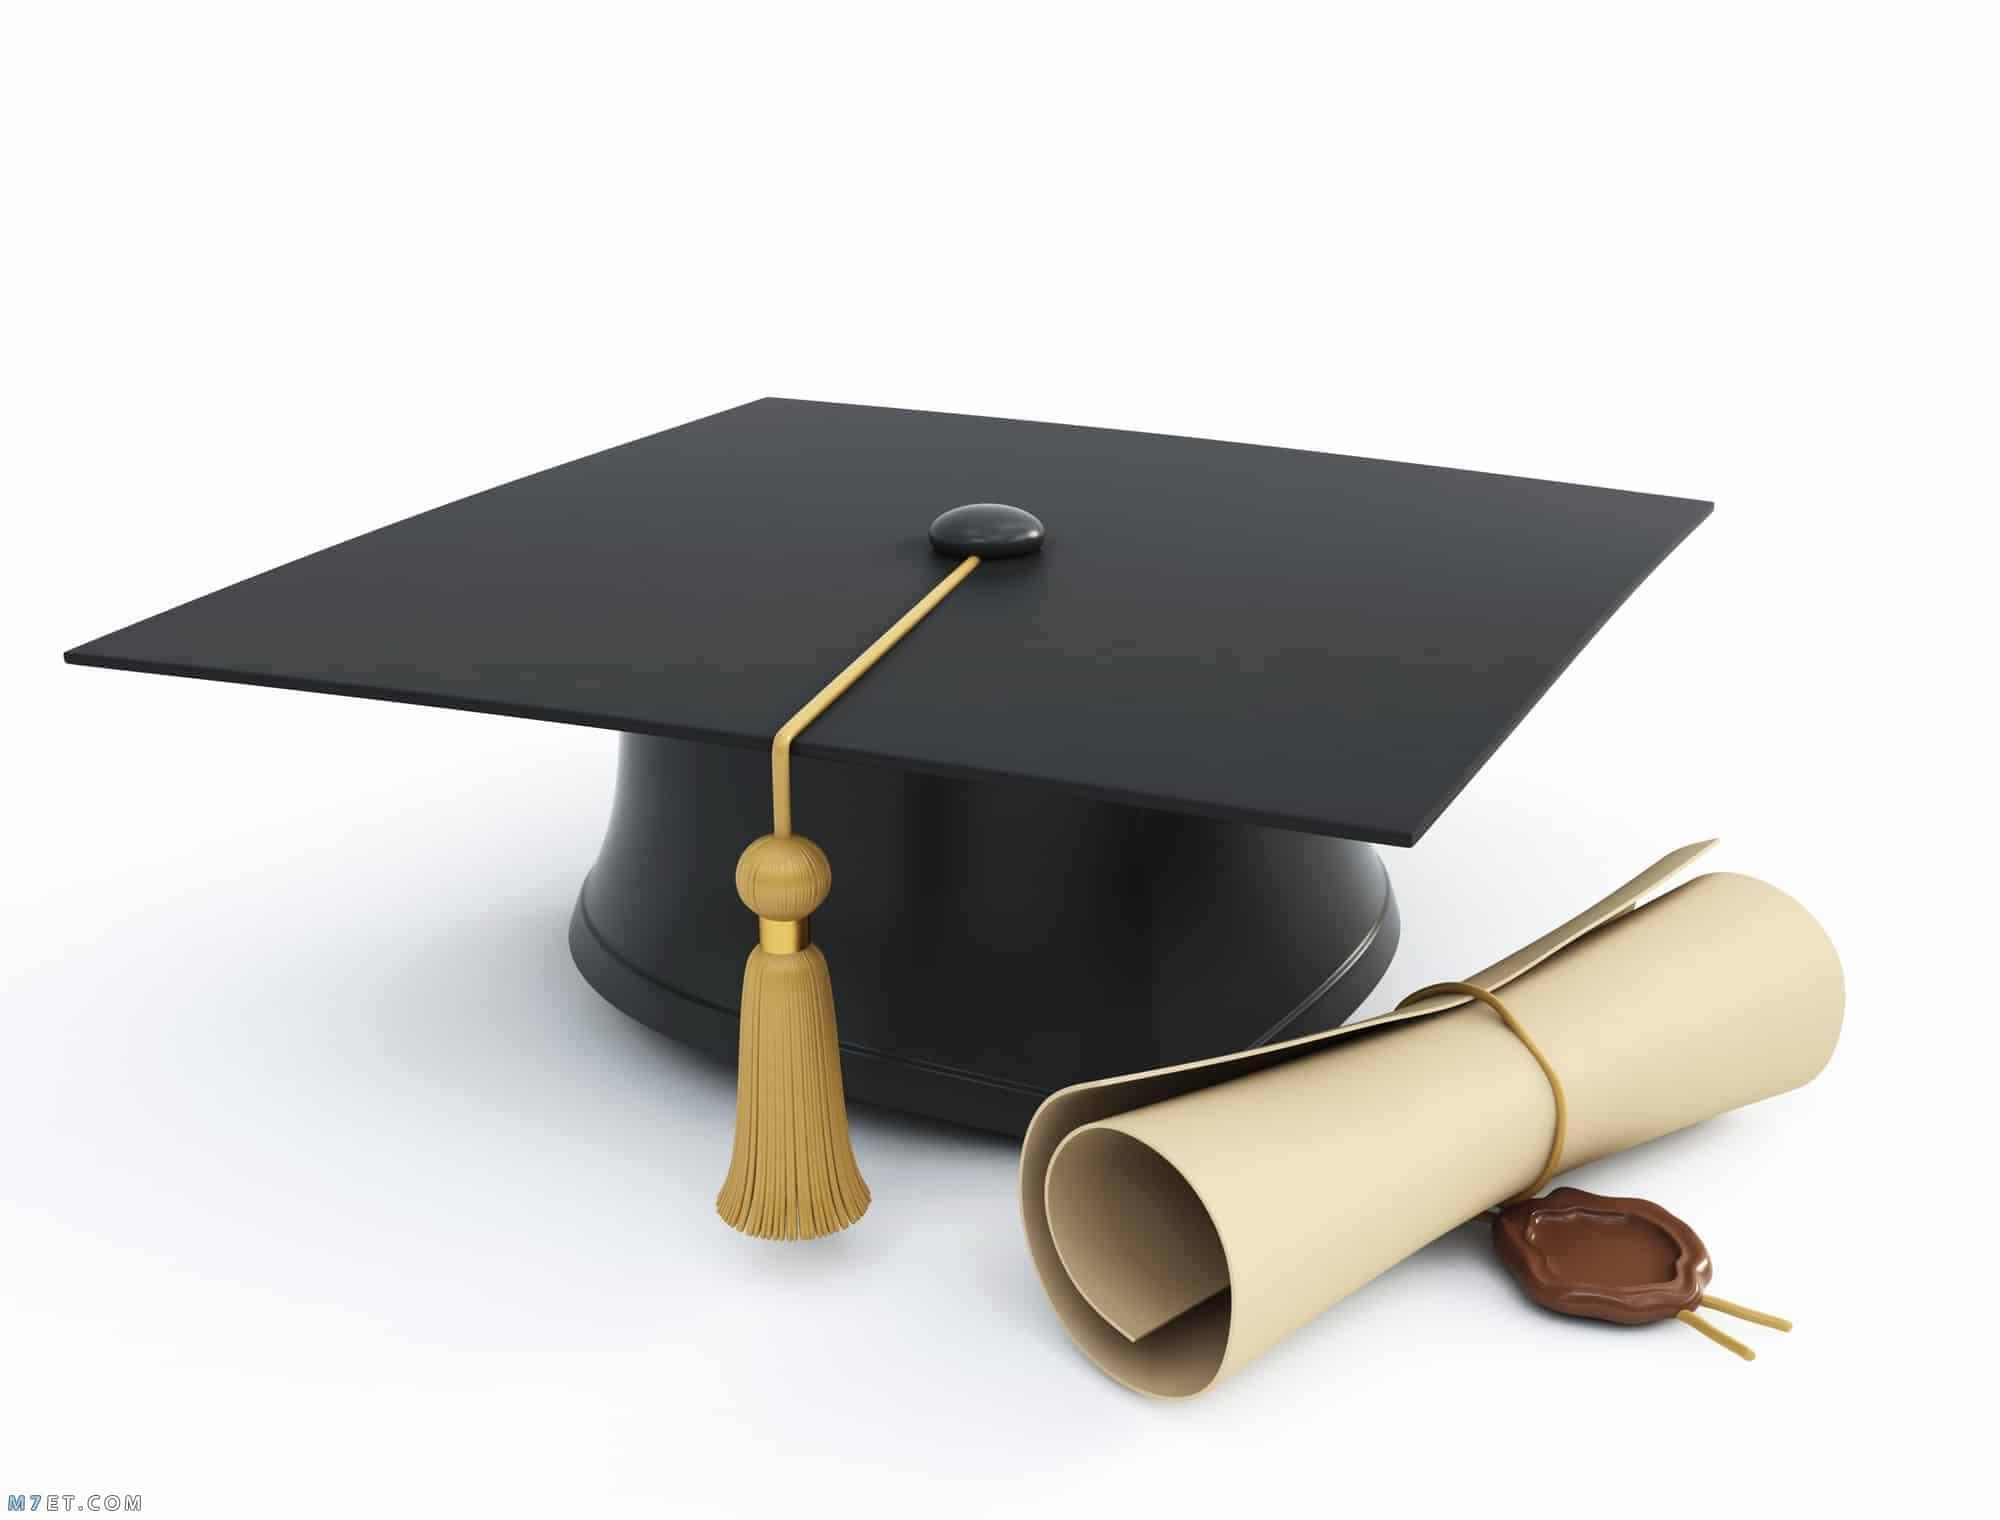 اجمل عبارات عن التخرج 2020